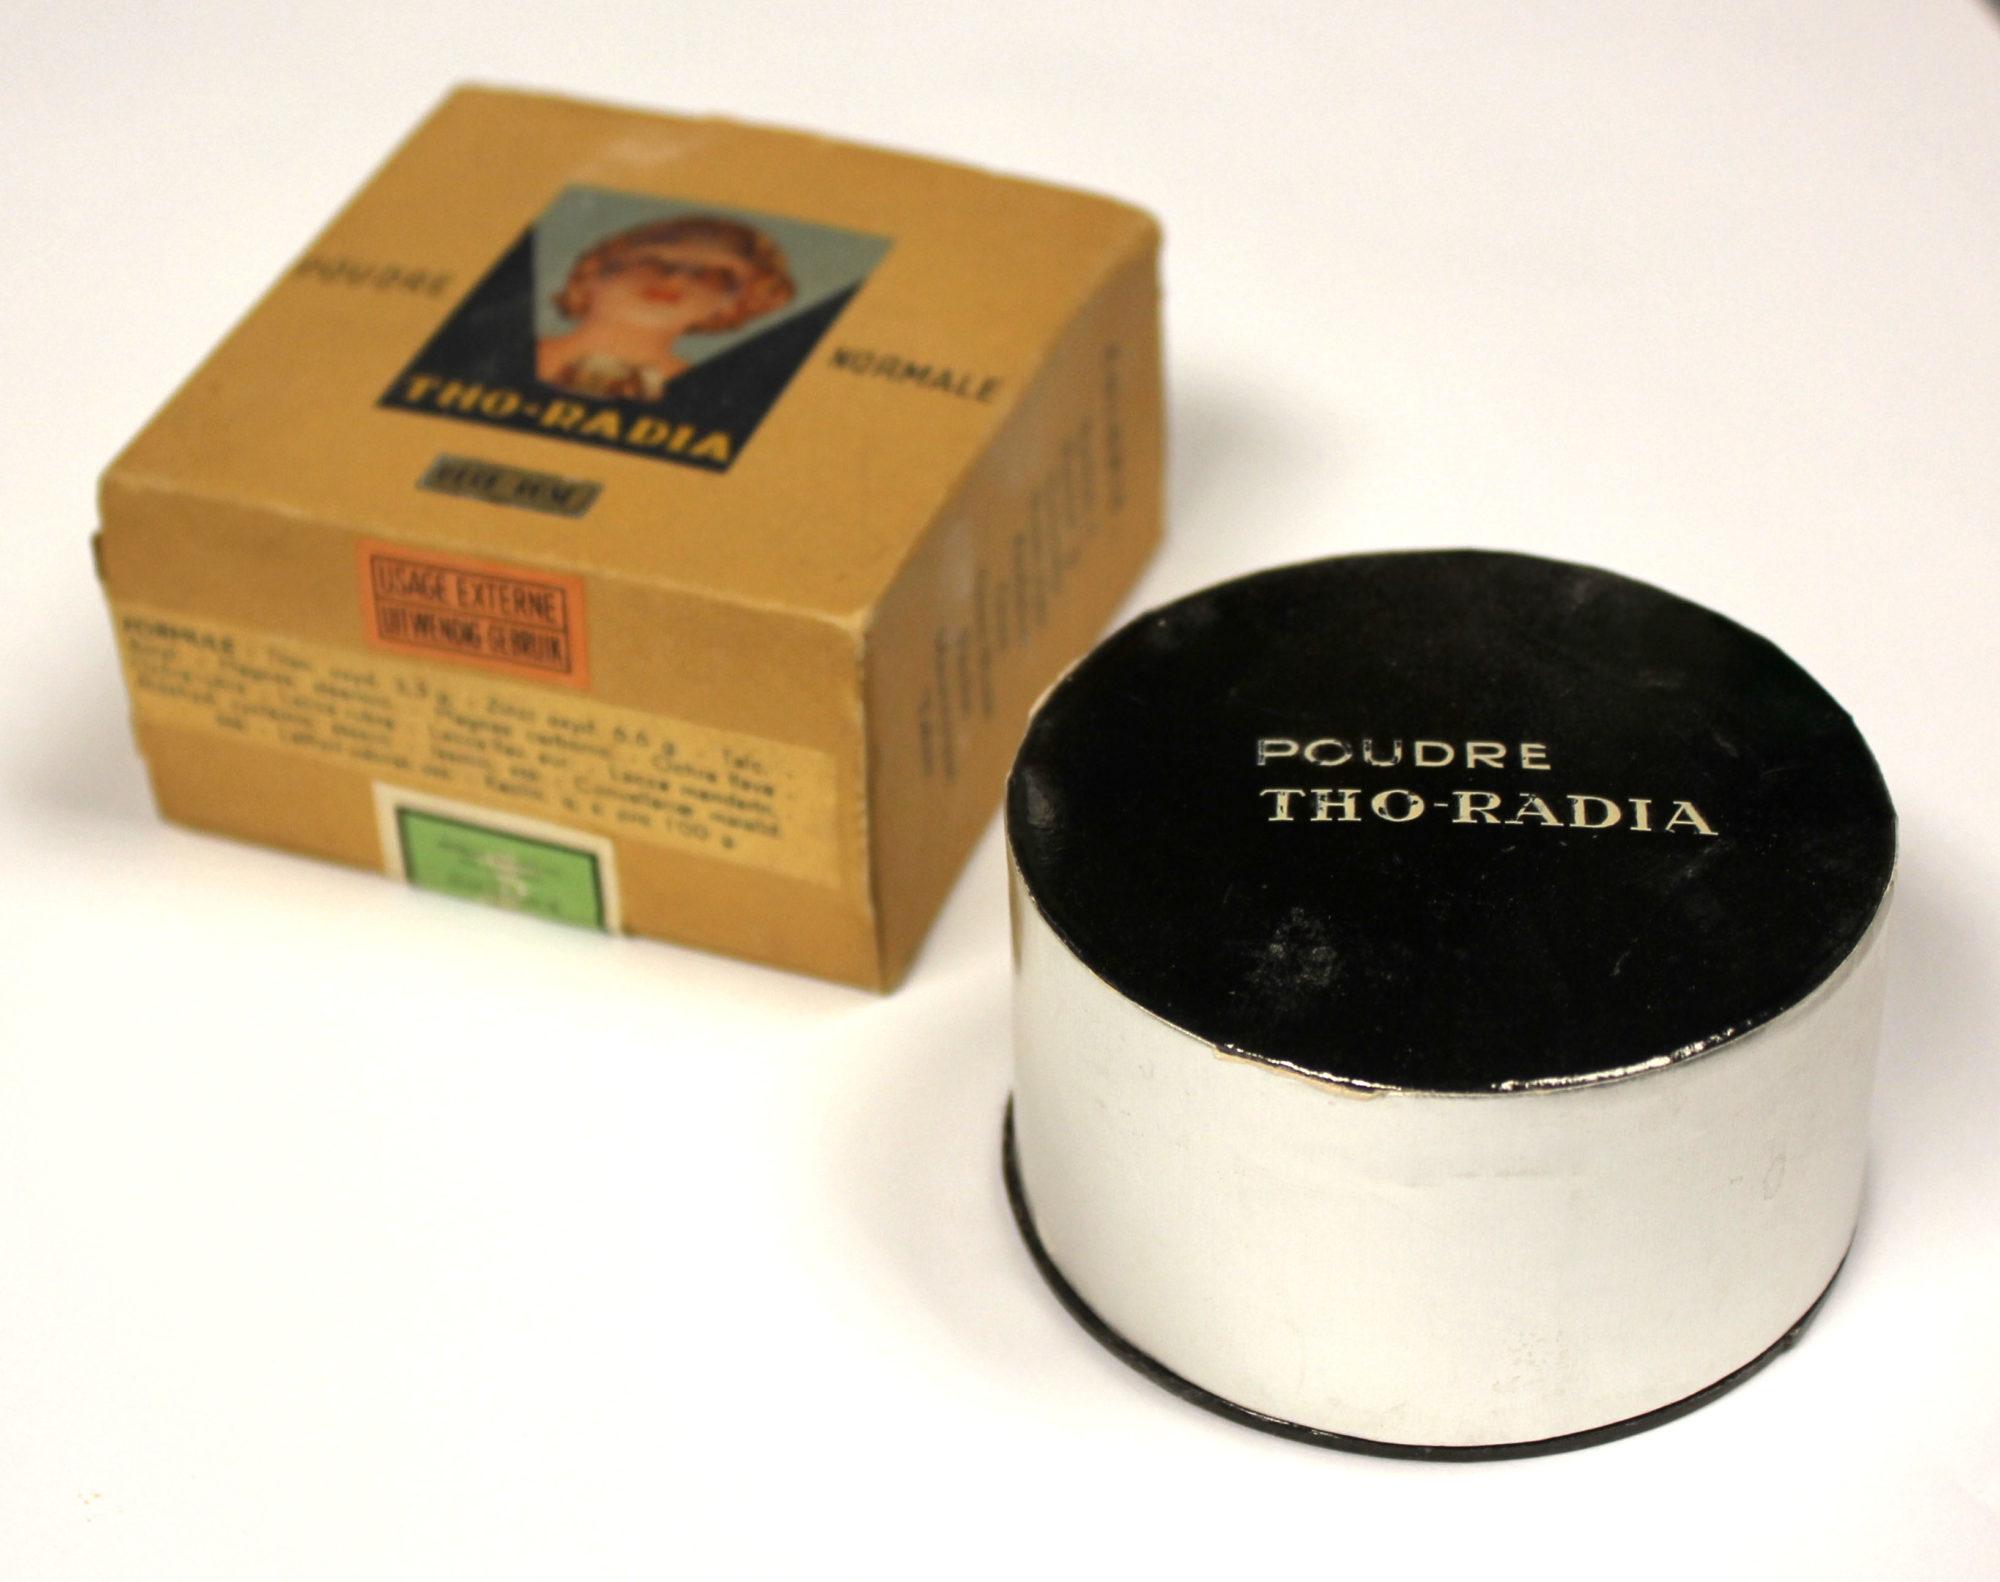 Пудра для лица компании Tho-Radia, которая выпускала косметику, содержащую торий и радий.